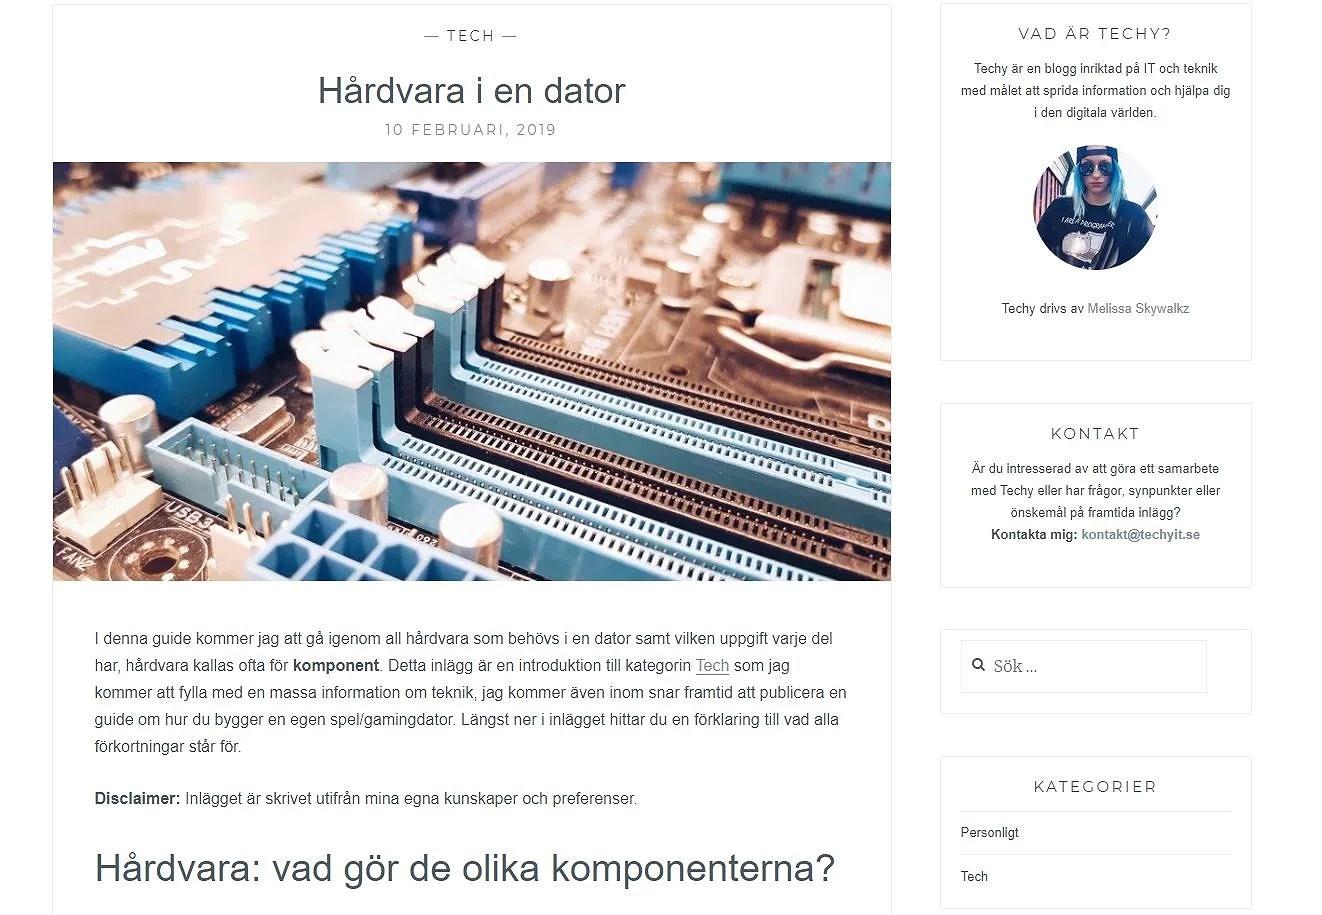 Nytt inlägg på Techy - Hårdvara!